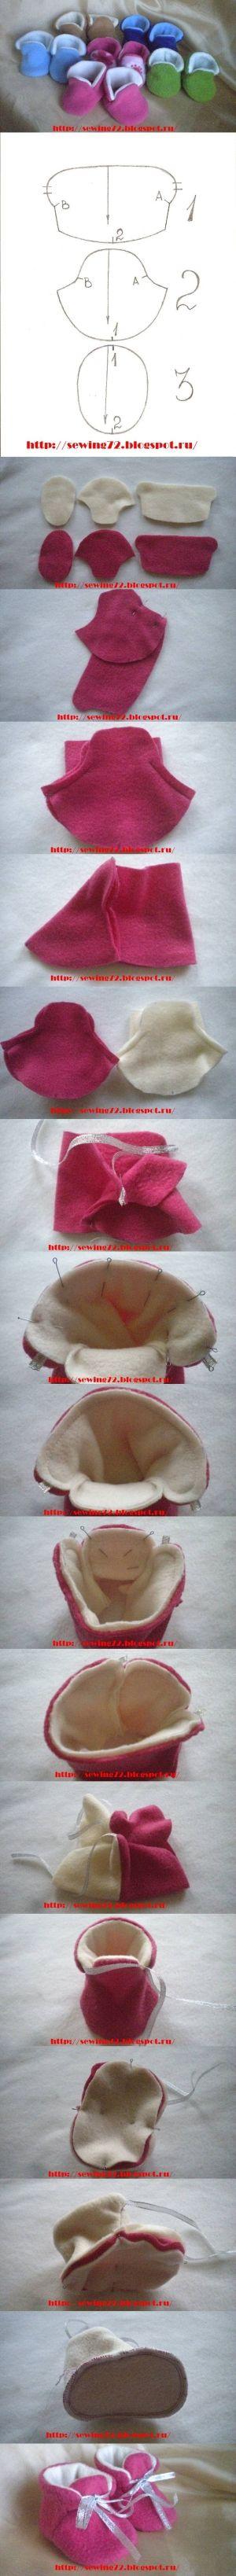 DIY Fleece Booties DIY Fleece Booties by diyforever